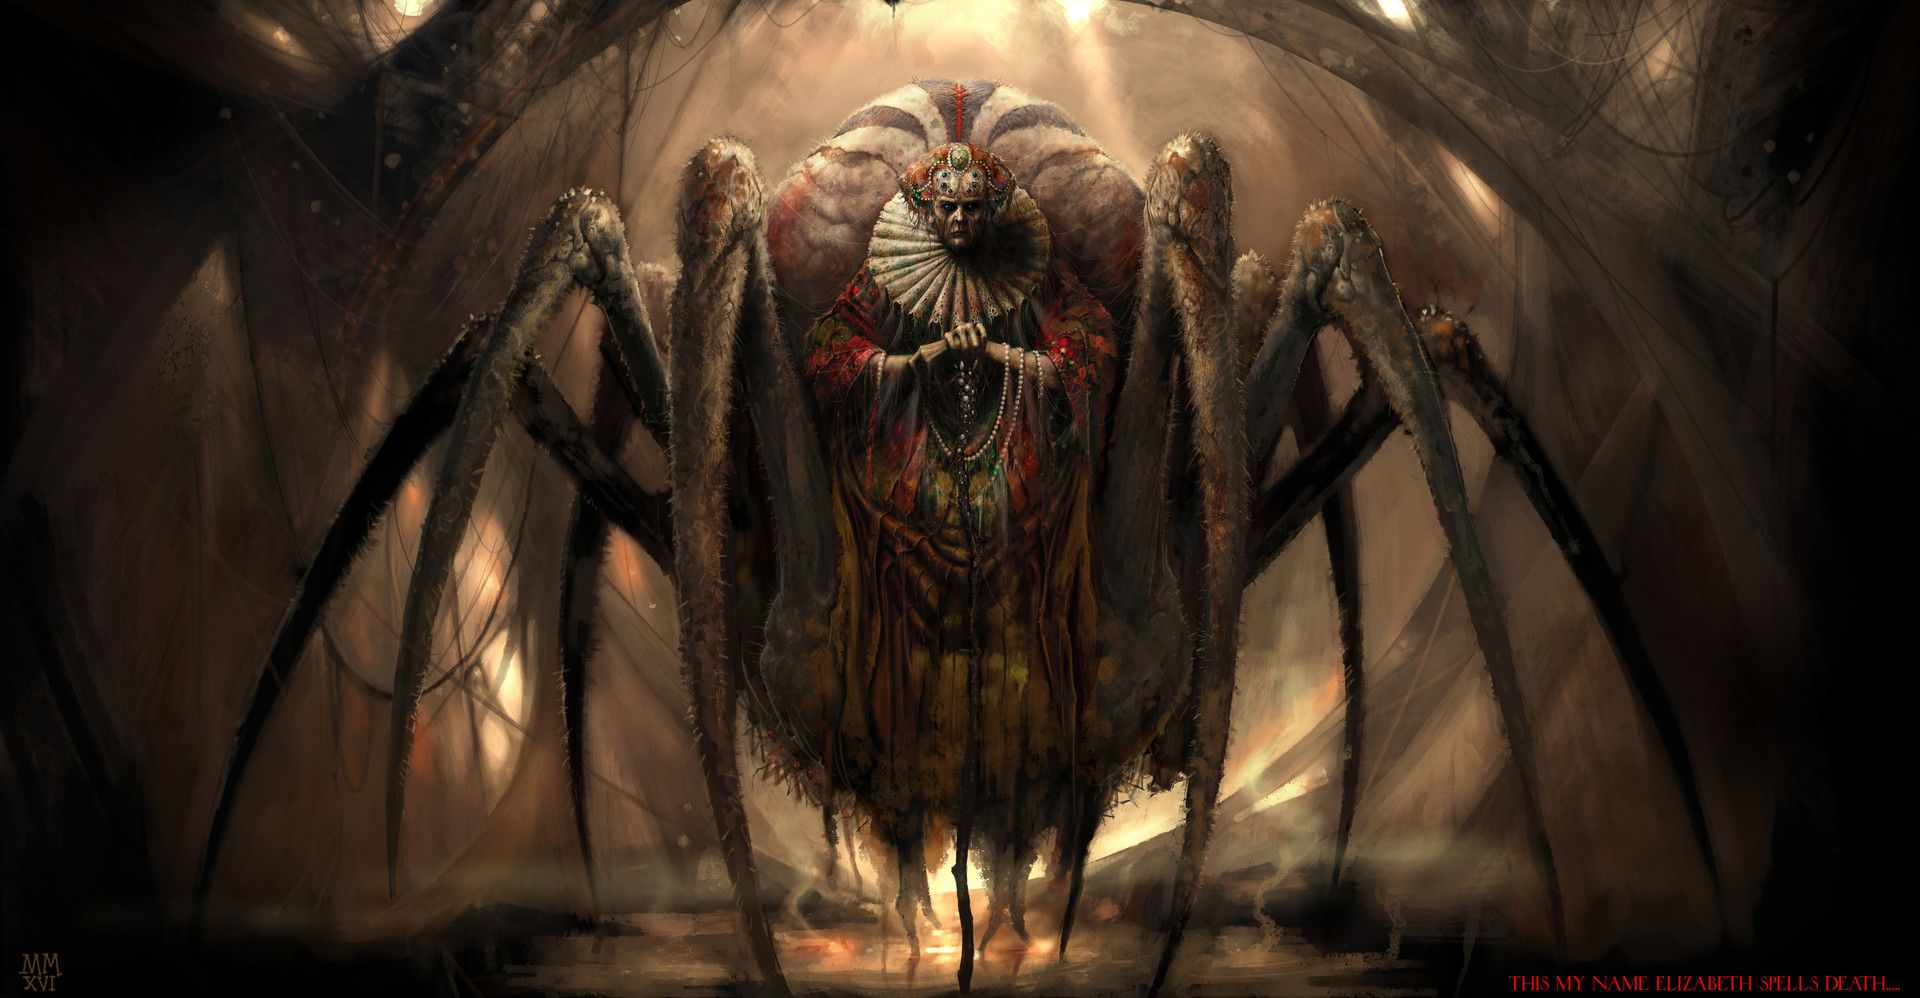 картинки зловещие пауки принадлежность ордену